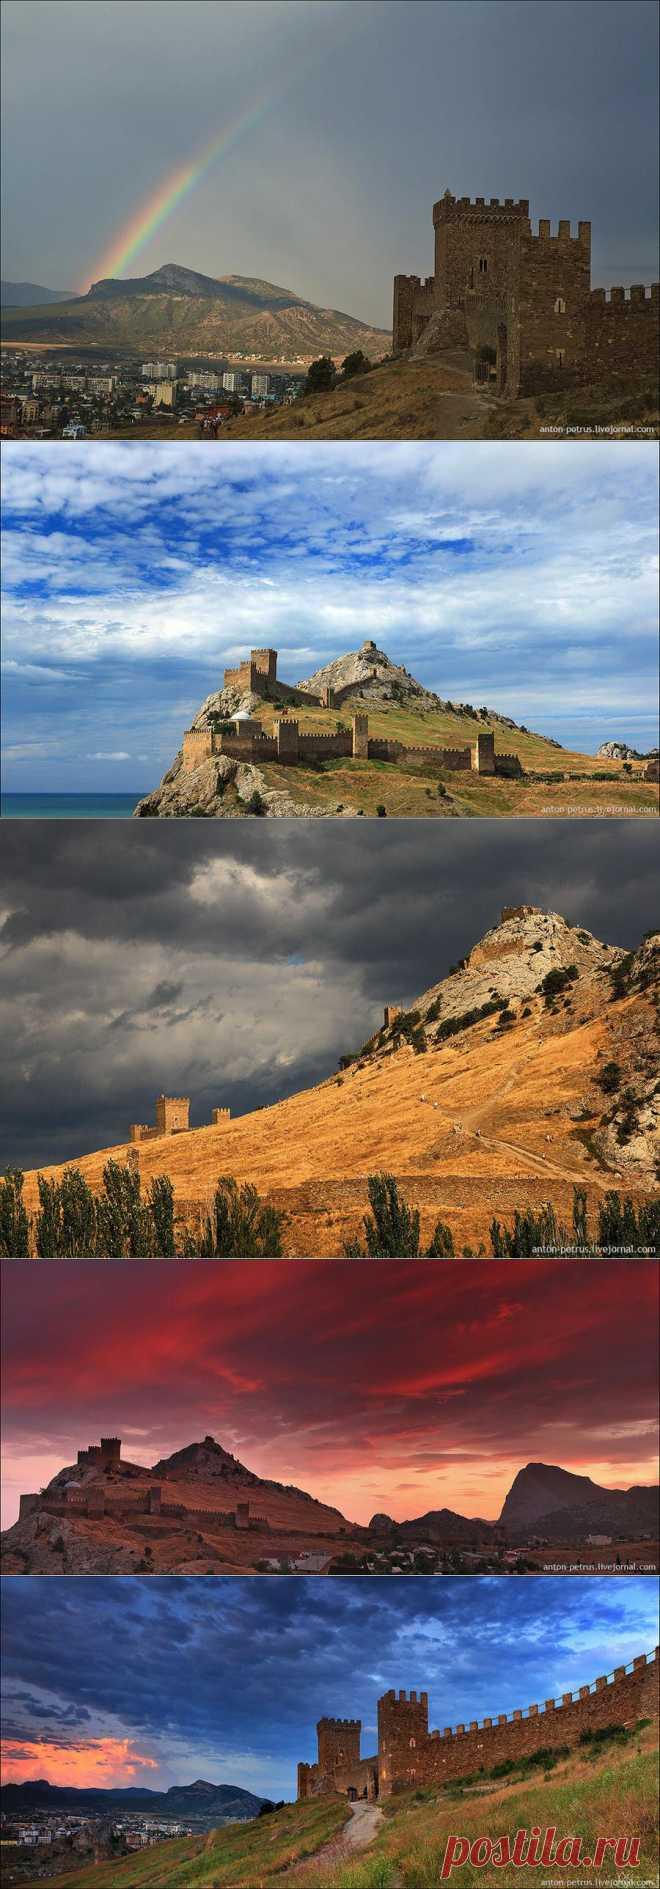 » Судак. Генуэзская крепость Это интересно!